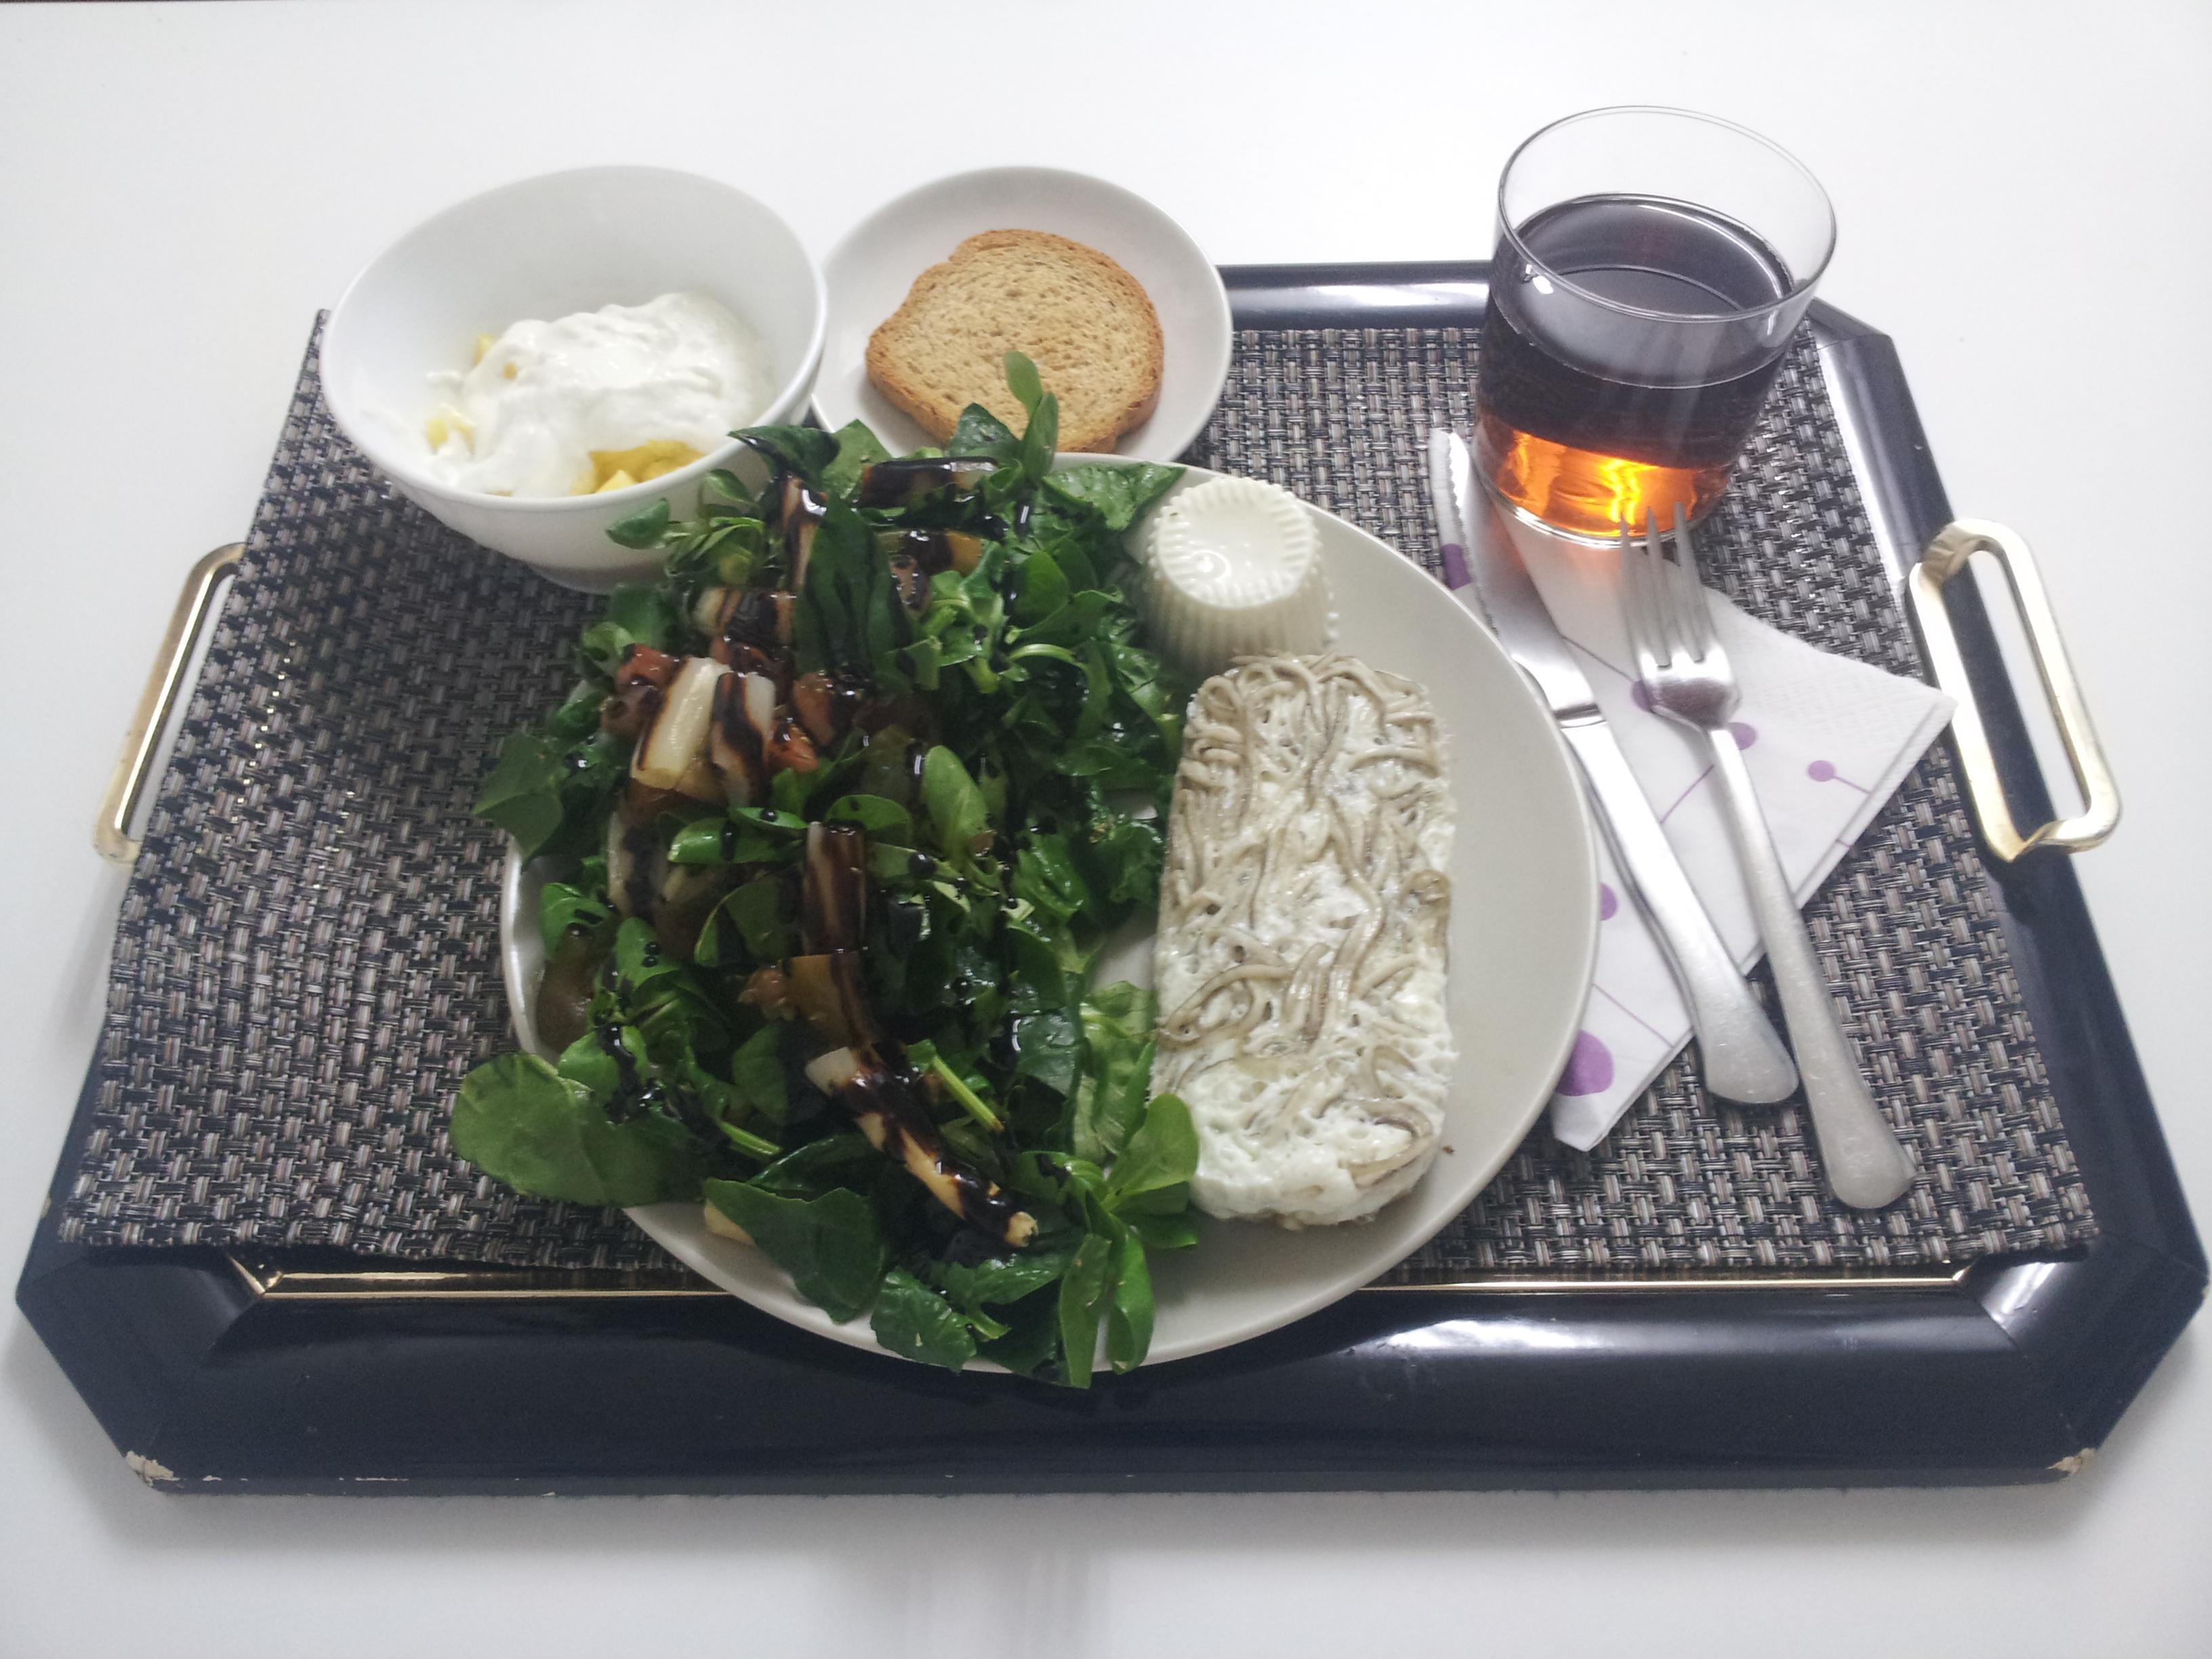 Cena sana, recetas saludables, receta saludable, ensalada, gulas, claras.